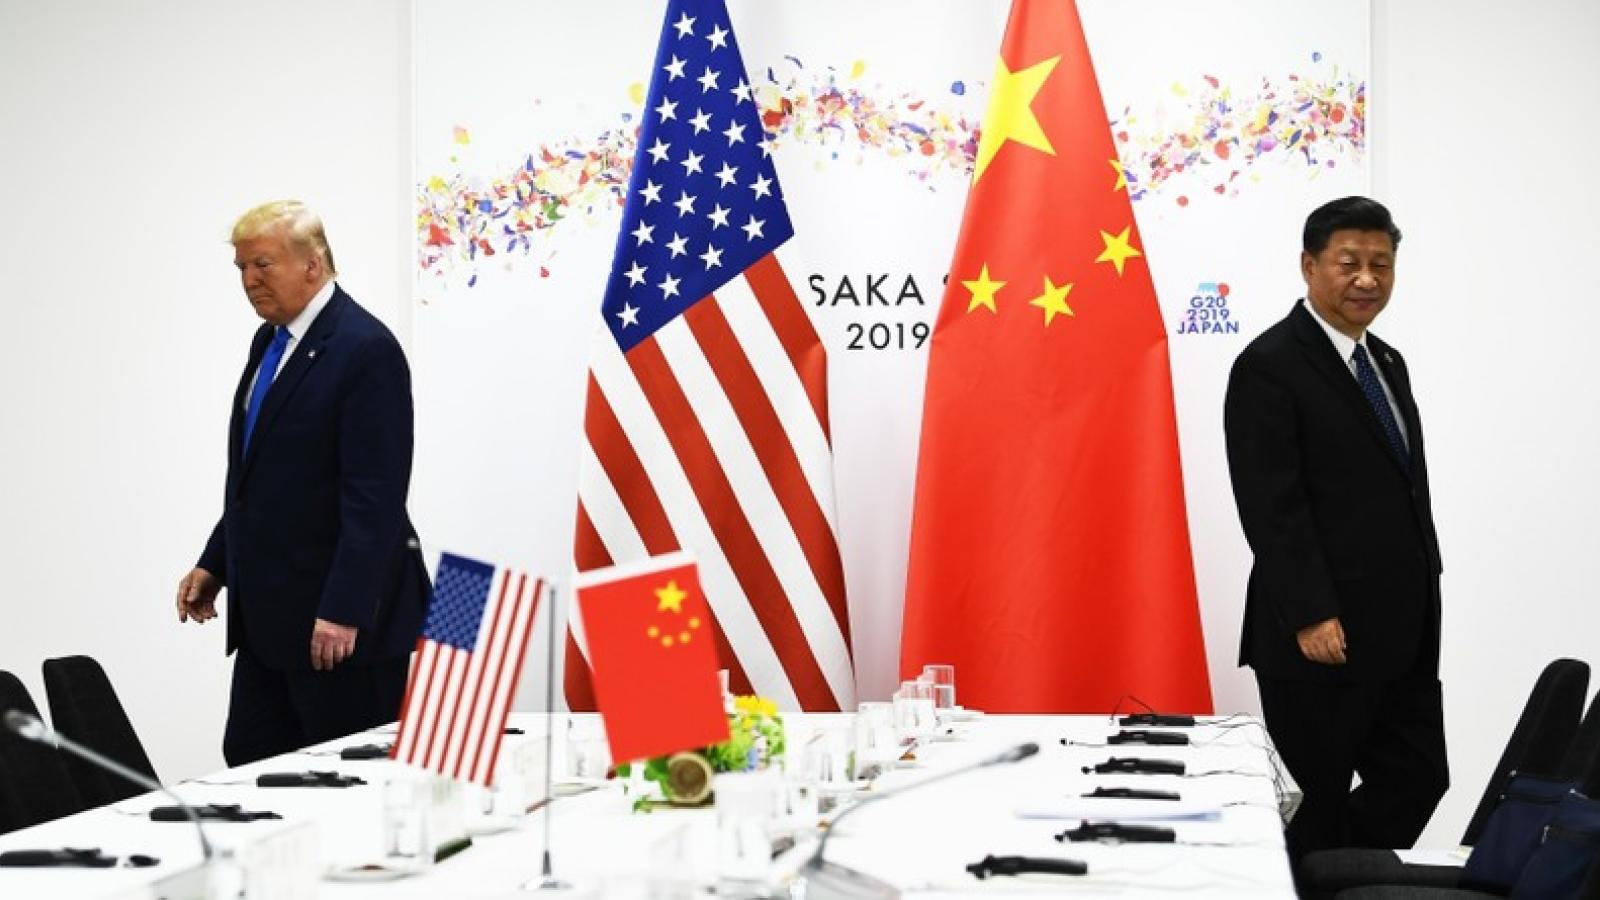 Căng thẳng Mỹ - Trung có thể chia thế giới thành 2 khối